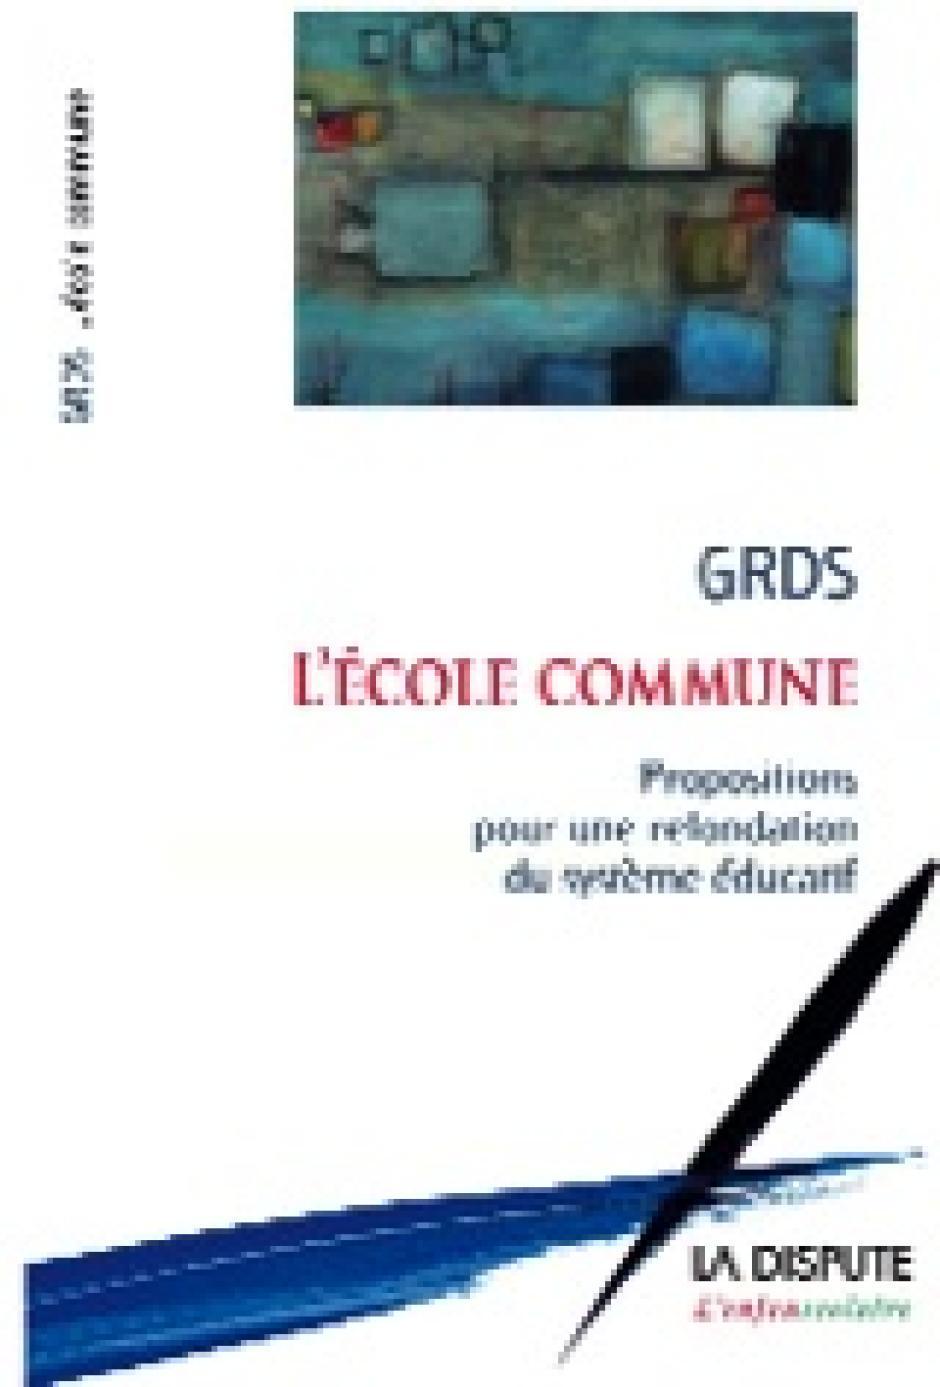 L'école commune Propositions pour une refondation du système éducatif,   Groupe de recherche pour la démocratisation scolaire (GRDS)